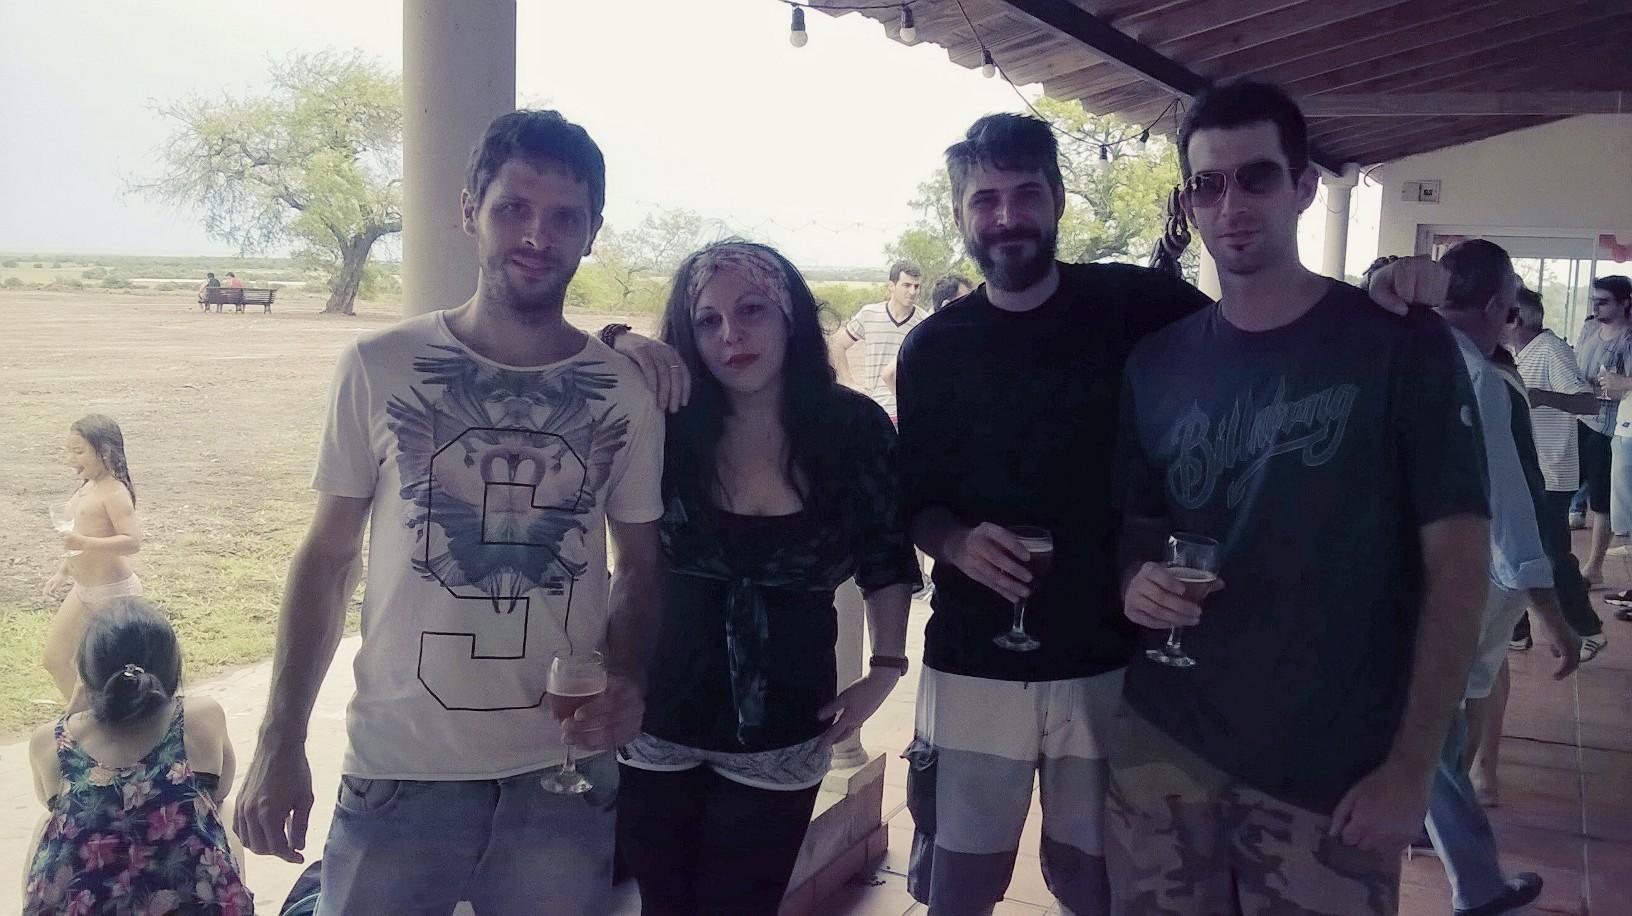 Ivana Nazareno, Matias Gonzalez, Alejandro Barcelo en Desdedida de año 2015 DonWeb.